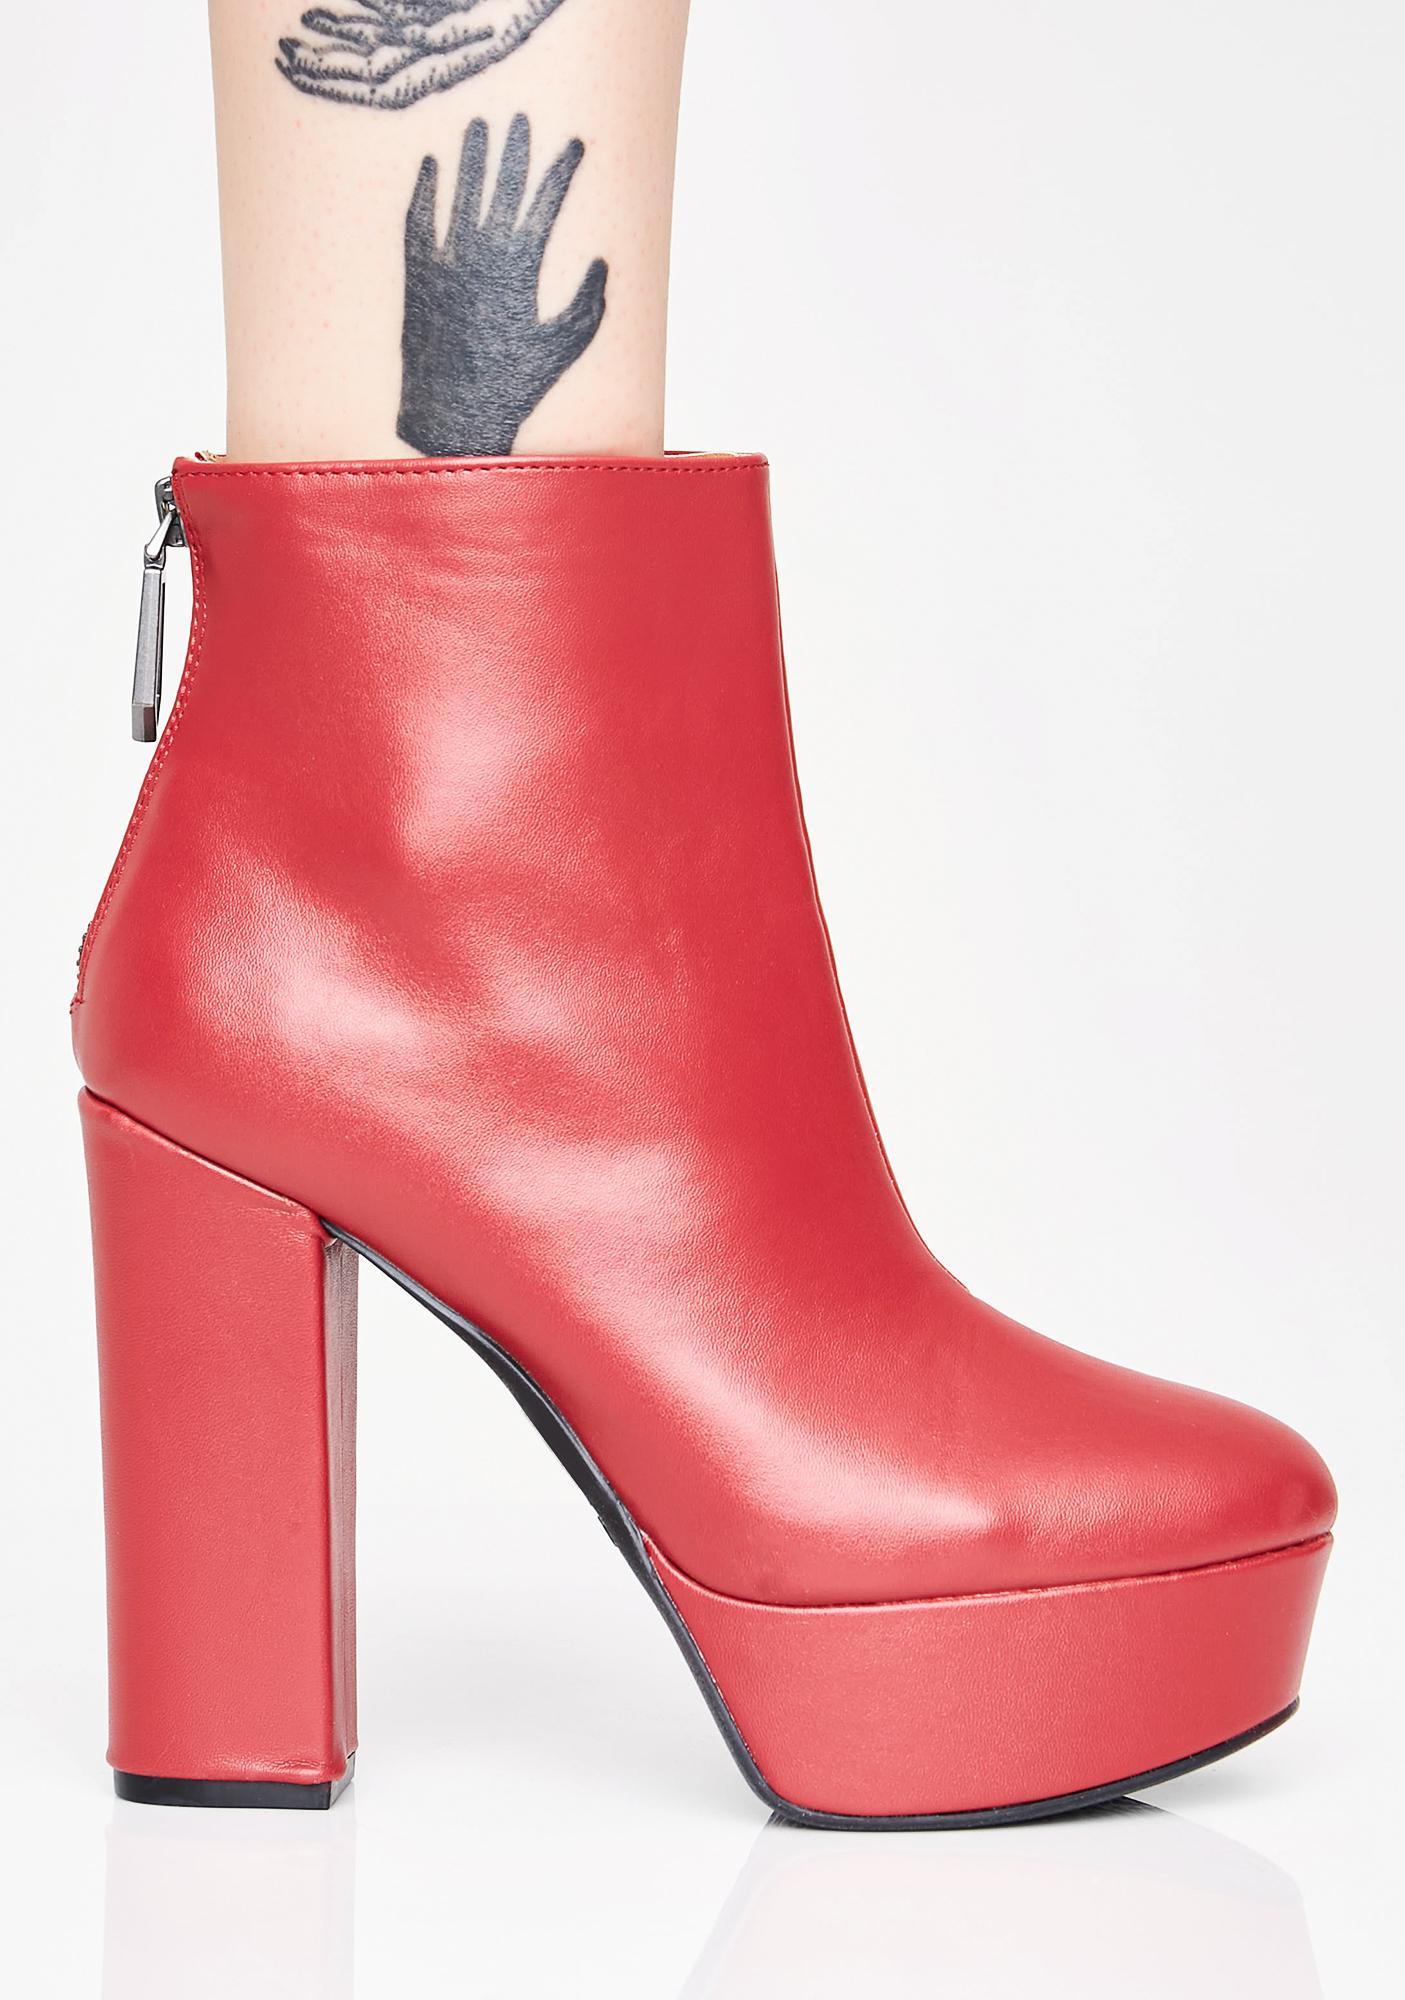 Blazed Soul Snatcher Platform Boots